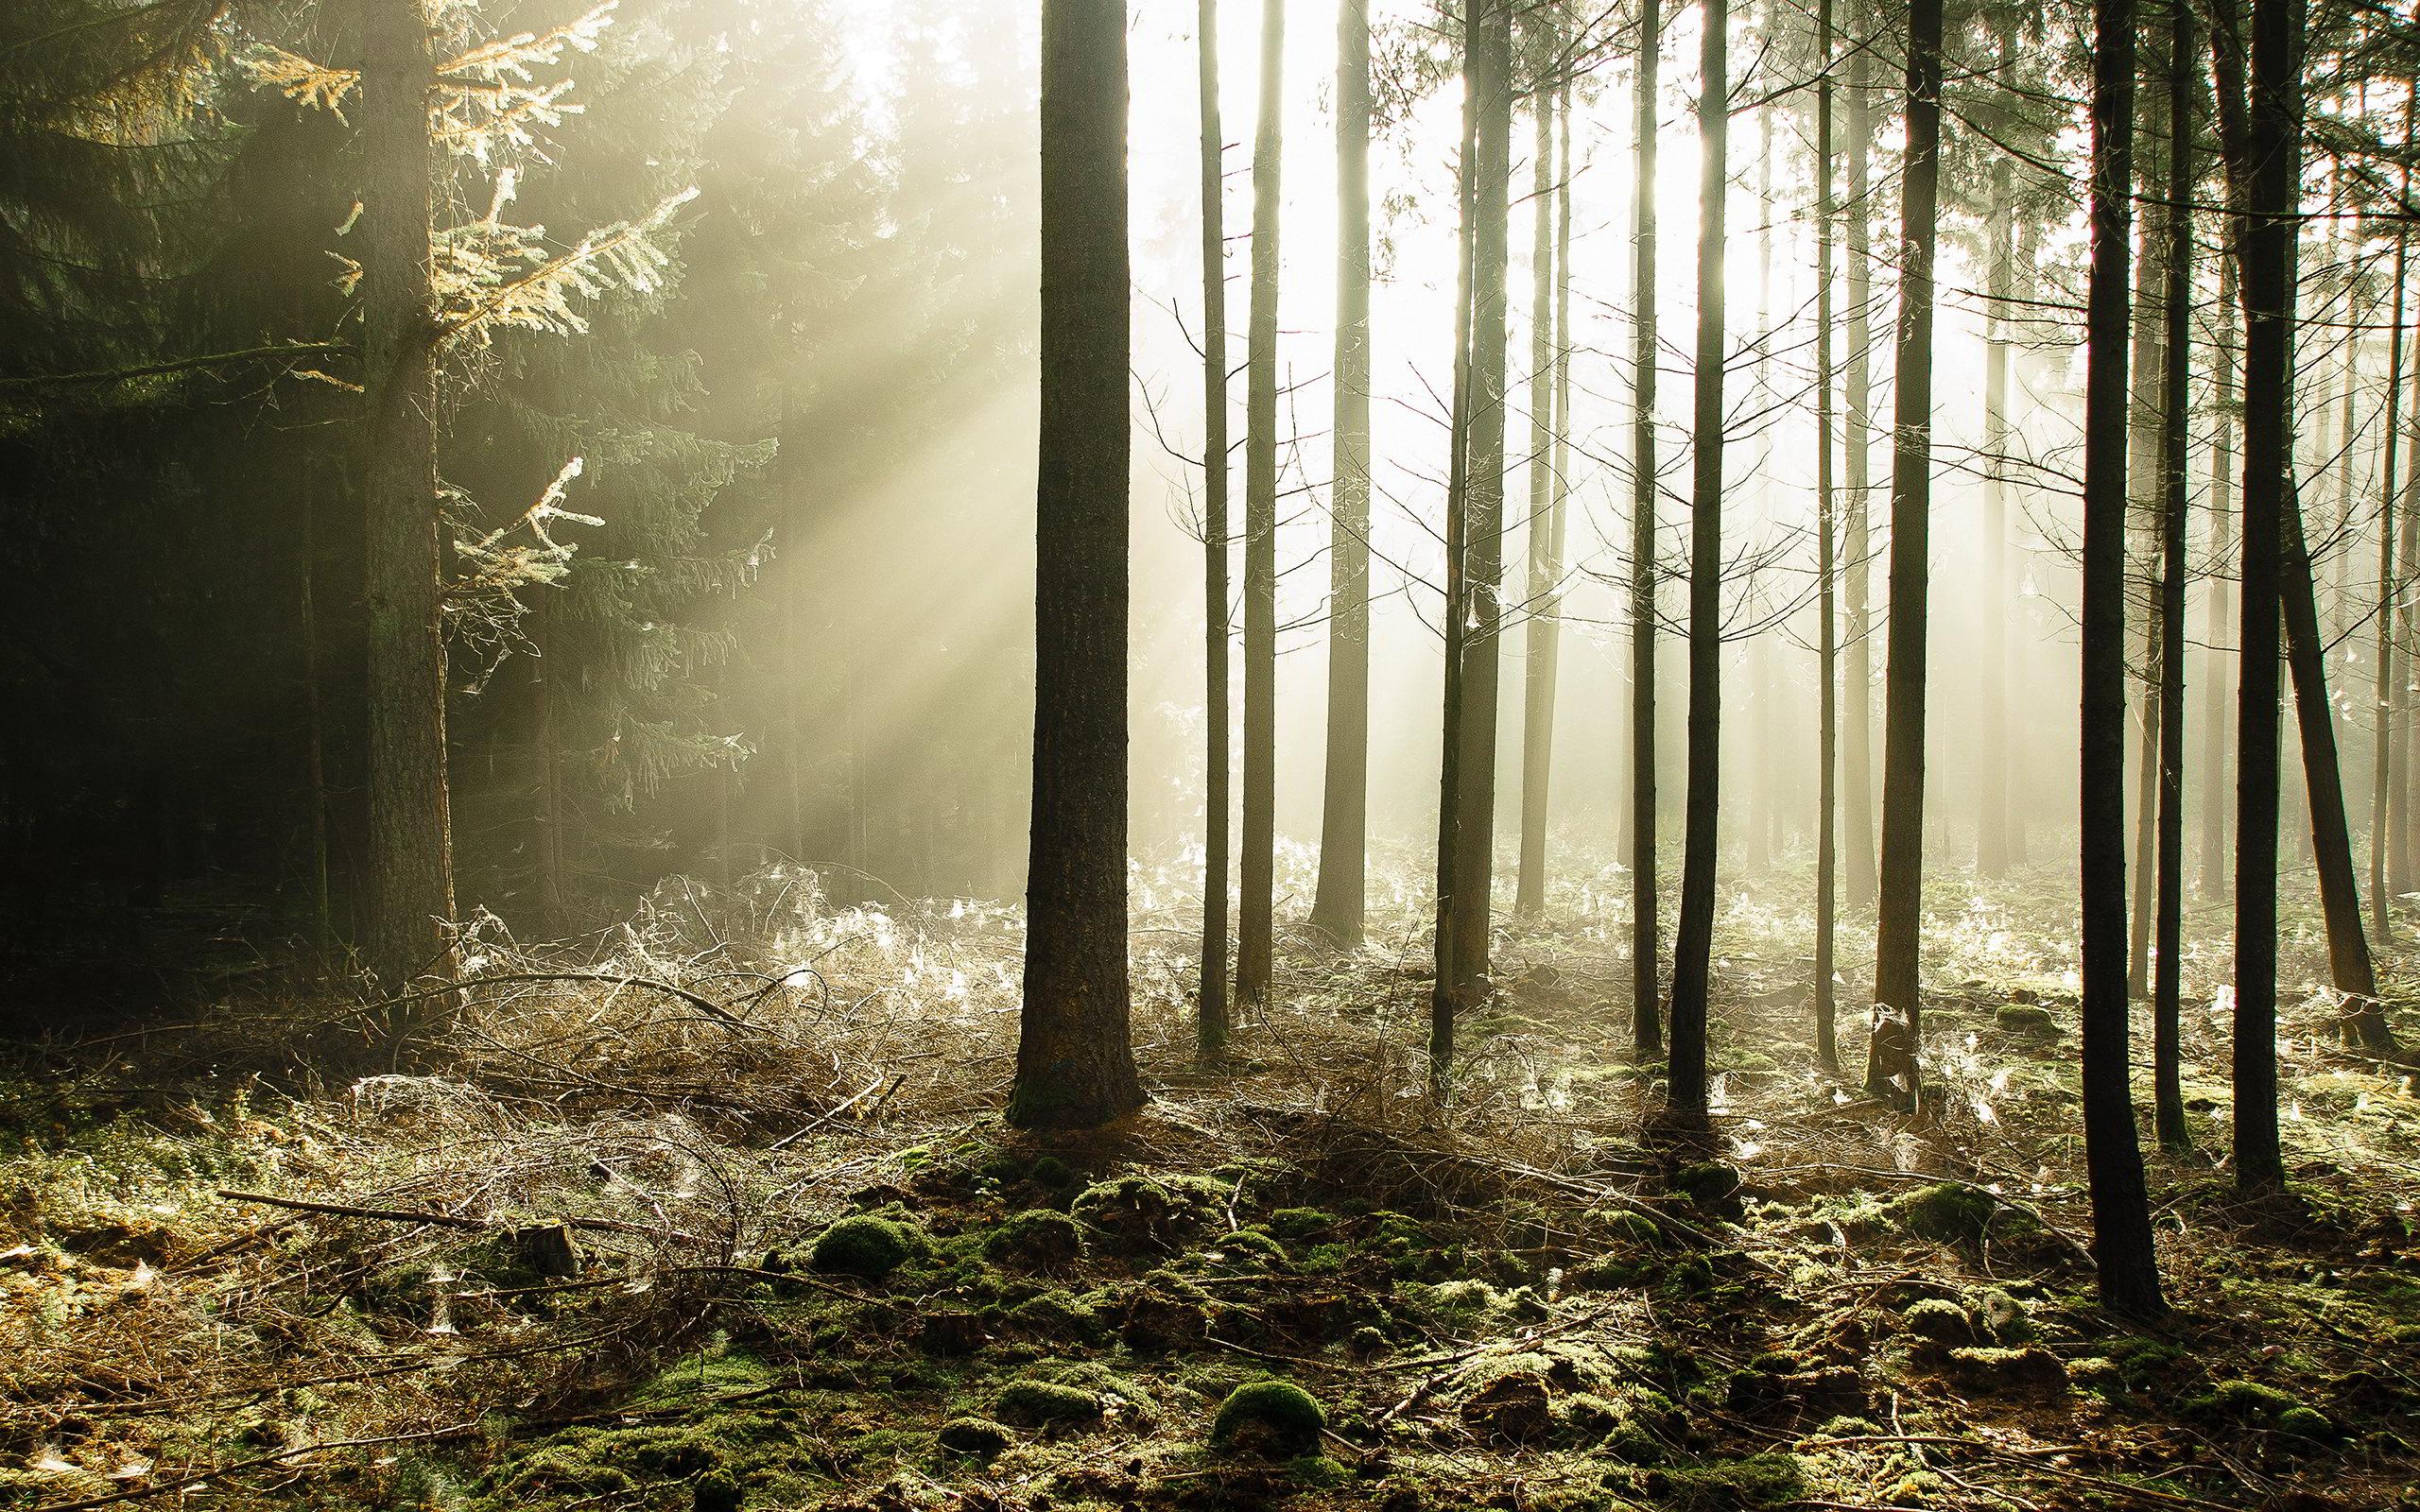 forest desktop backgrounds